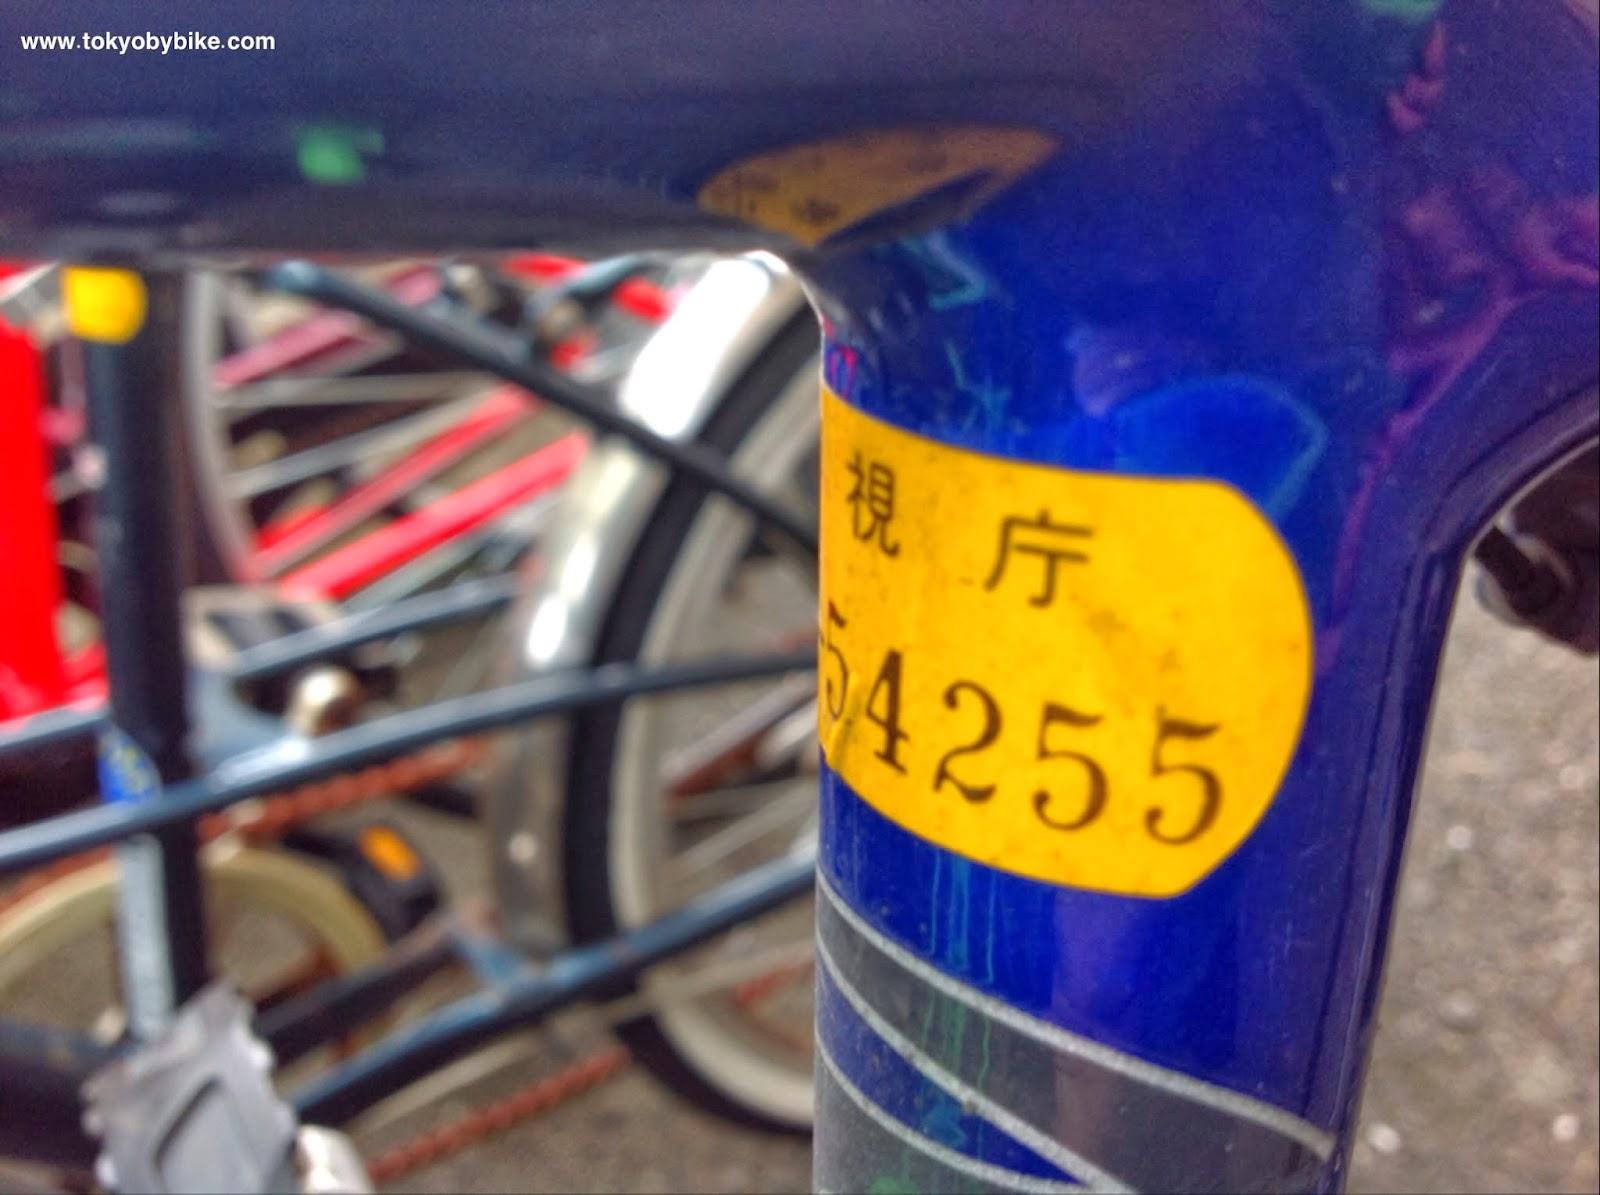 Bicycle parking in Tokyo, Japan